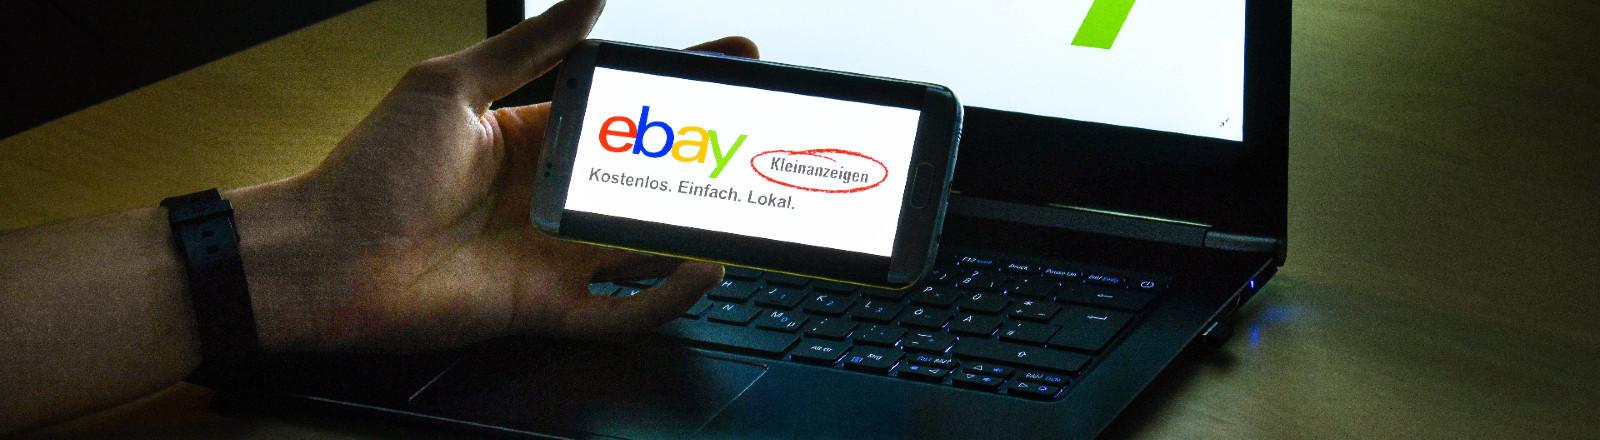 Mann hält Smartphone mit Logo von Ebay Kleinanzeigen vor einem Laptop mit ebay-Logo